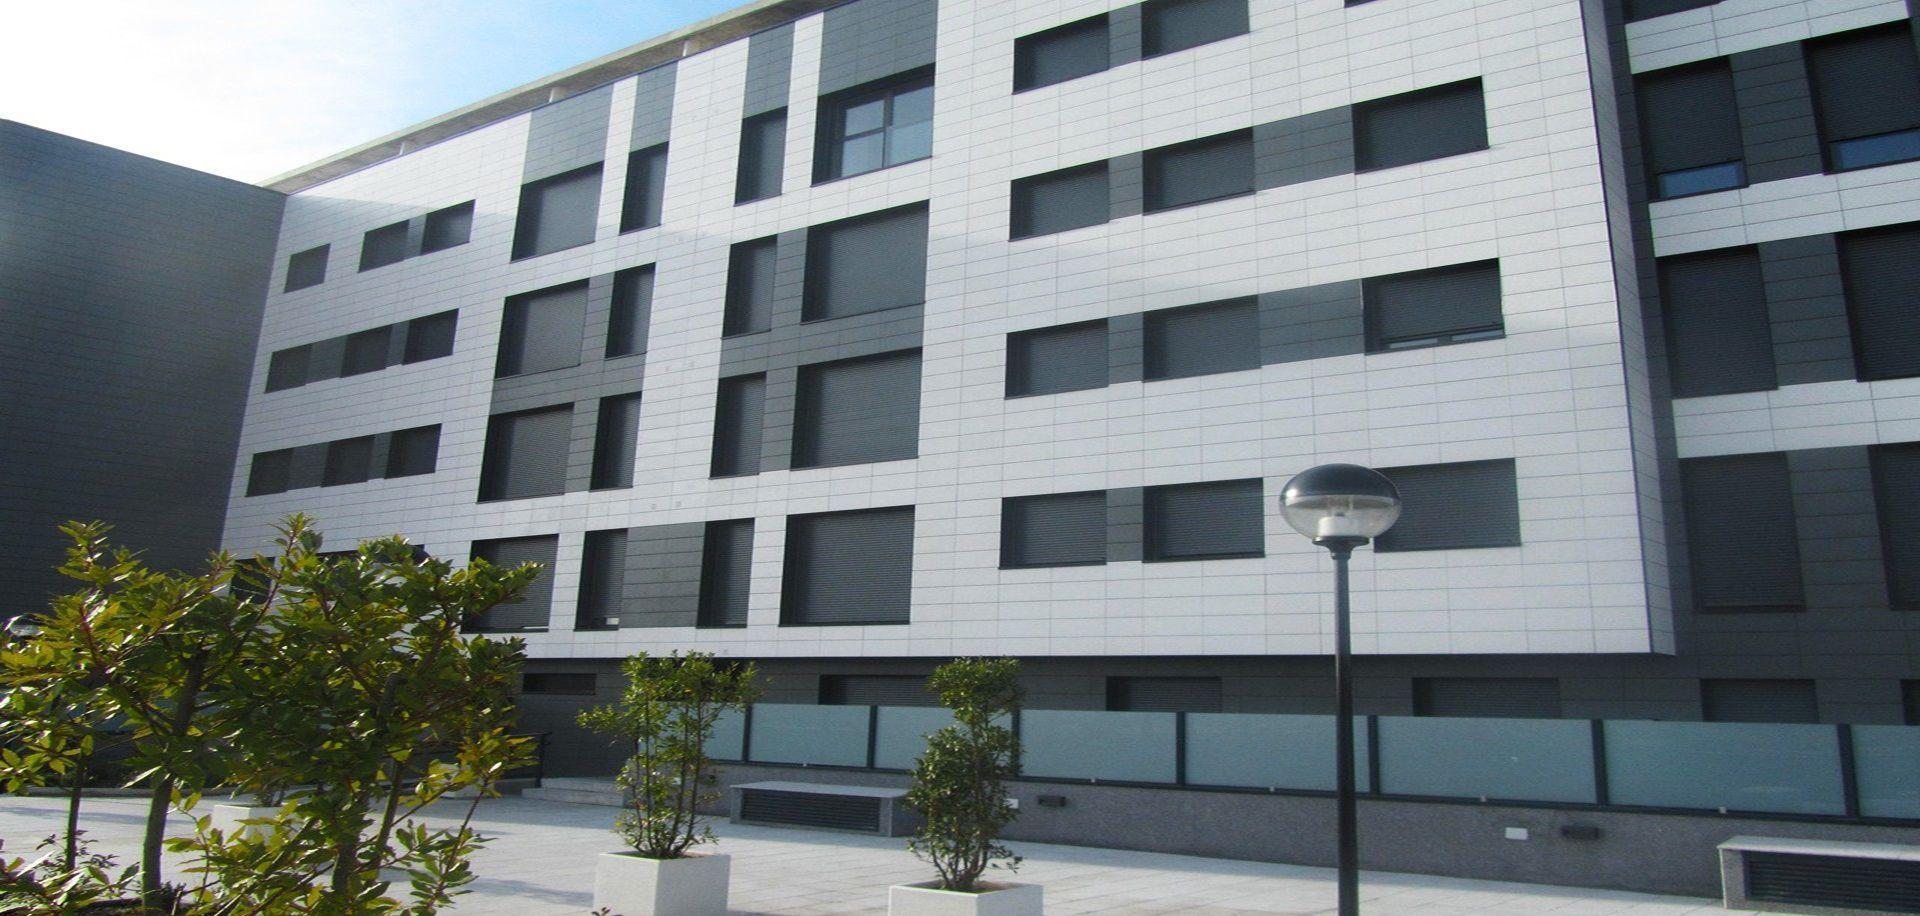 Fachadas ventiladas en San Sebastián: Aluminio, Cerámicos, Composites y Fenólicos